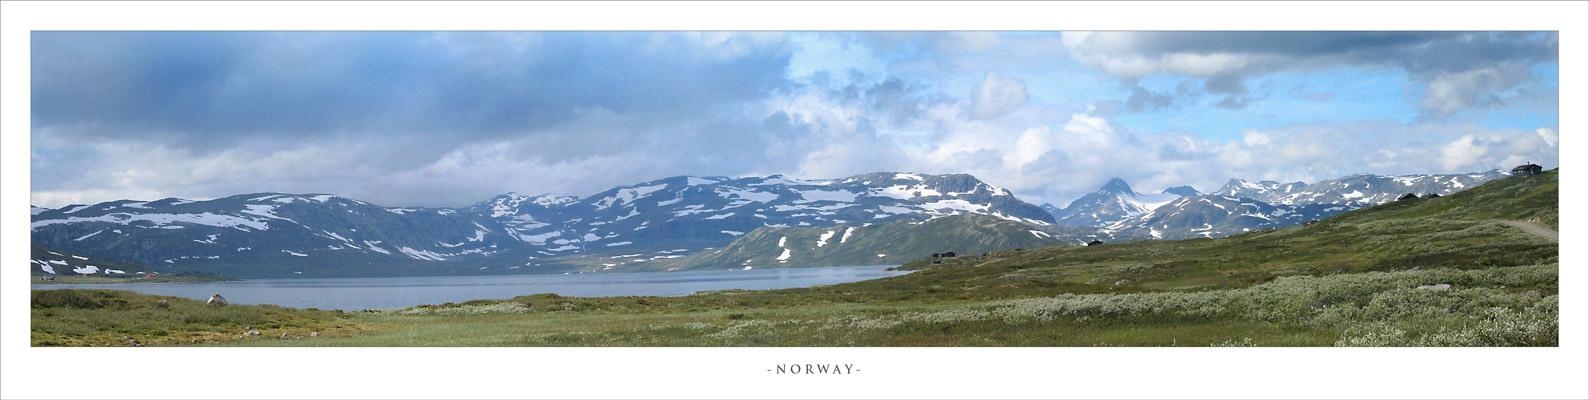 Norwegen - Panorama